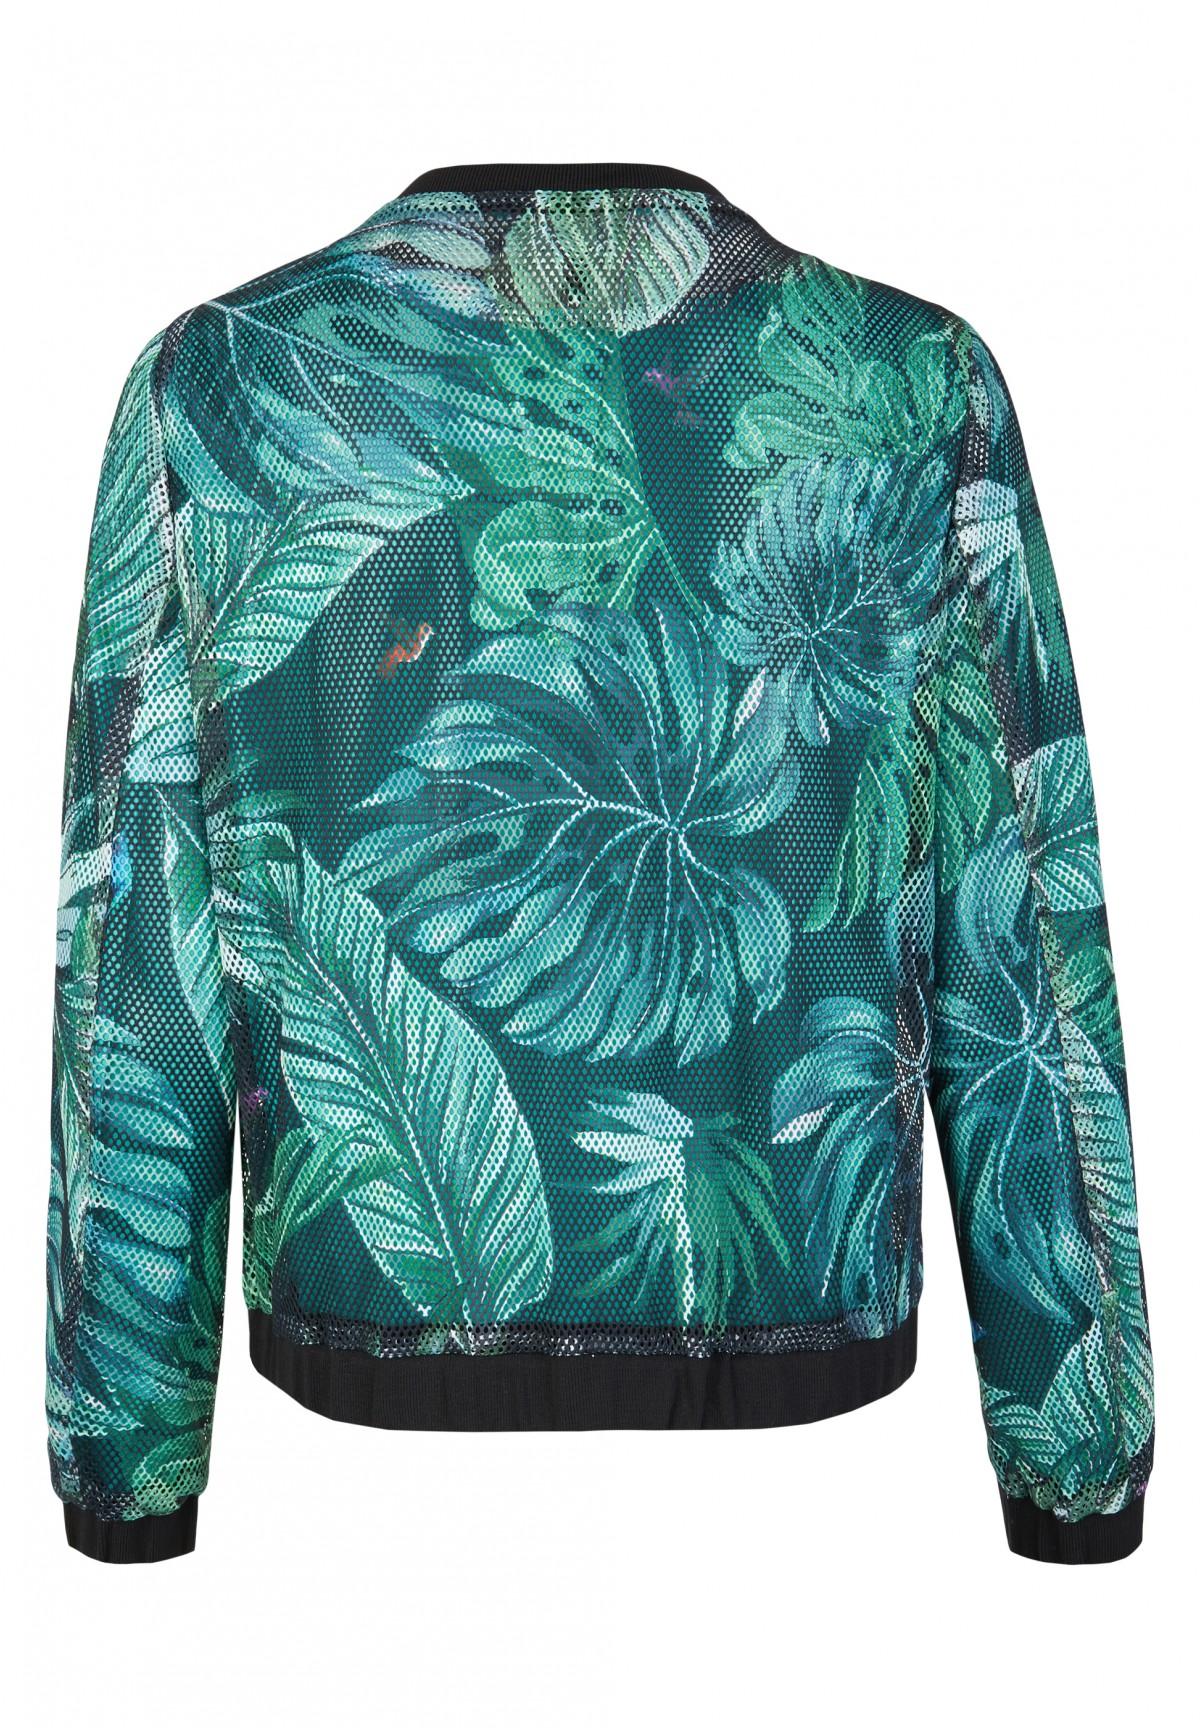 Trendige Jacke mit Palmenprint / Jacket